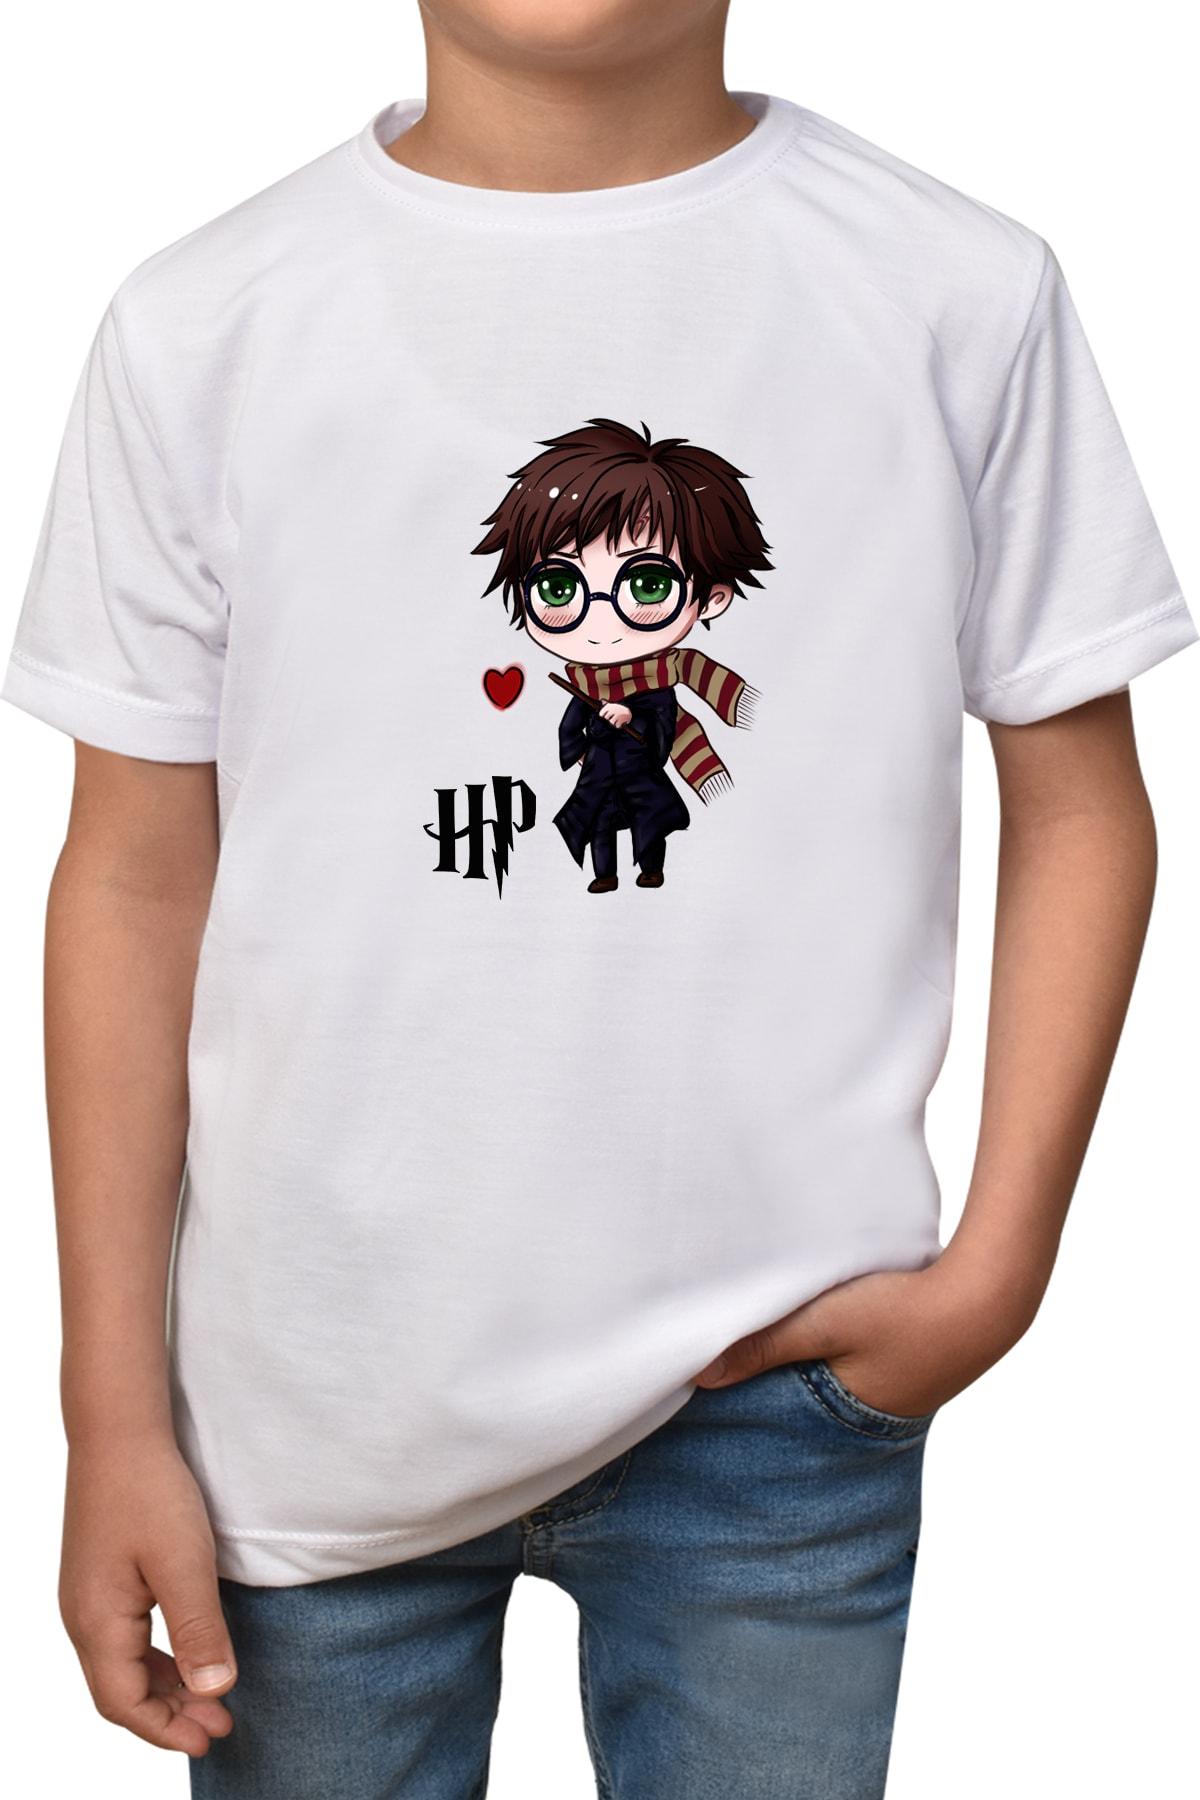 Harry Potter - Erkek-kız Çocuk - T-shirt T-11